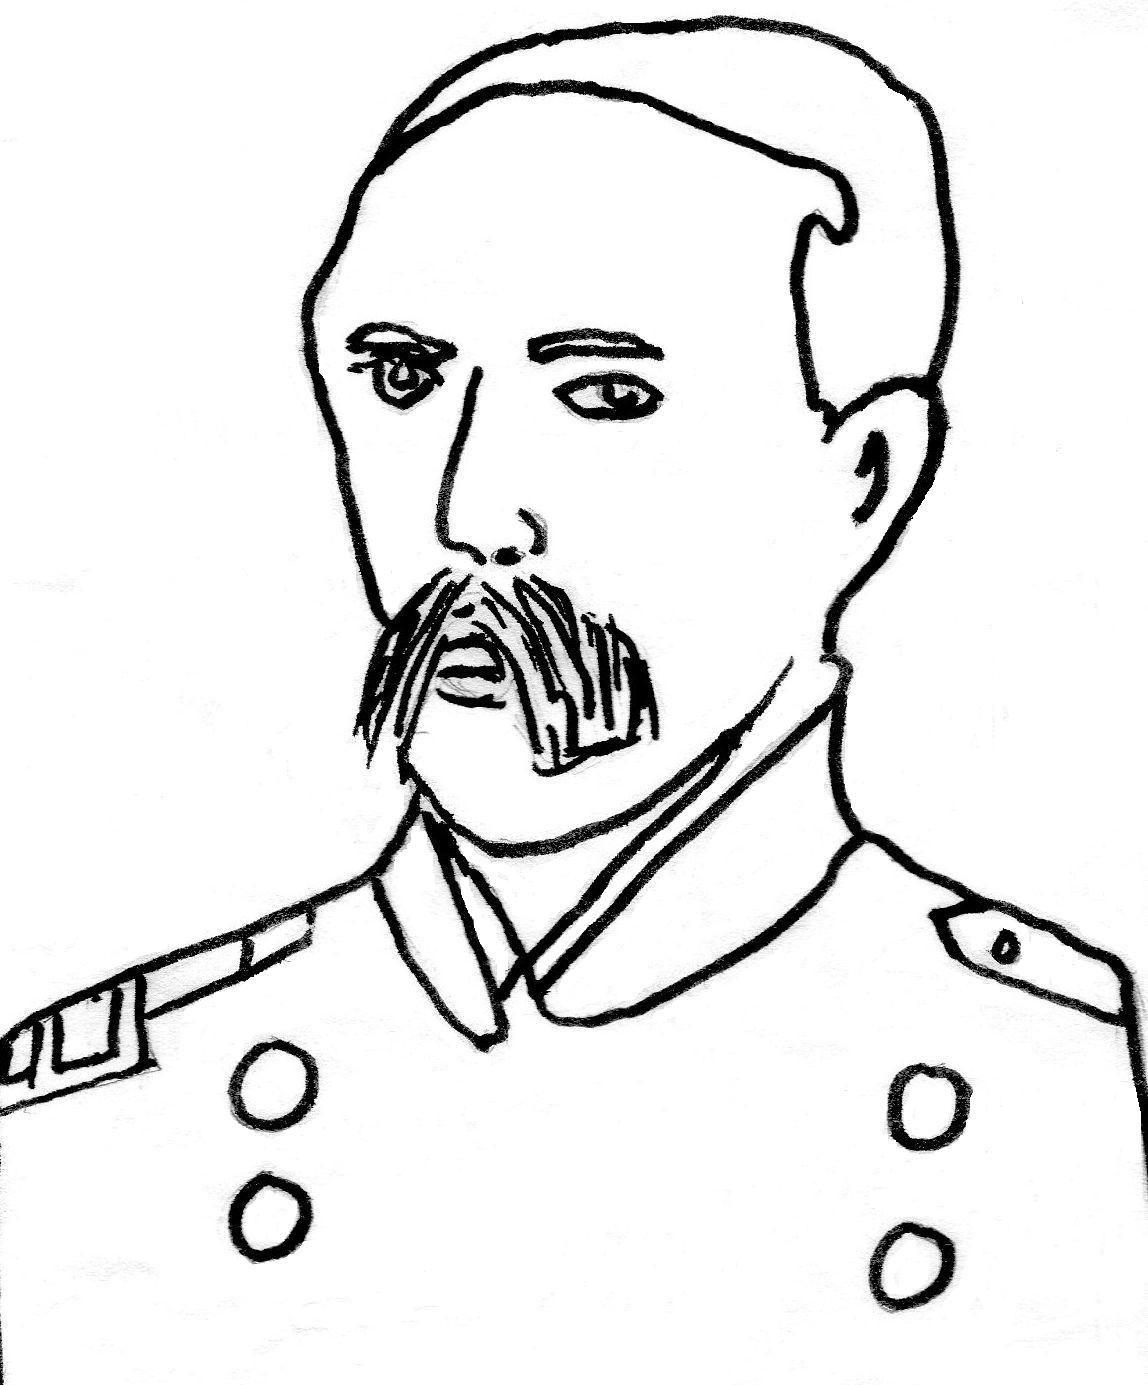 Francisco Pizarro Coloring